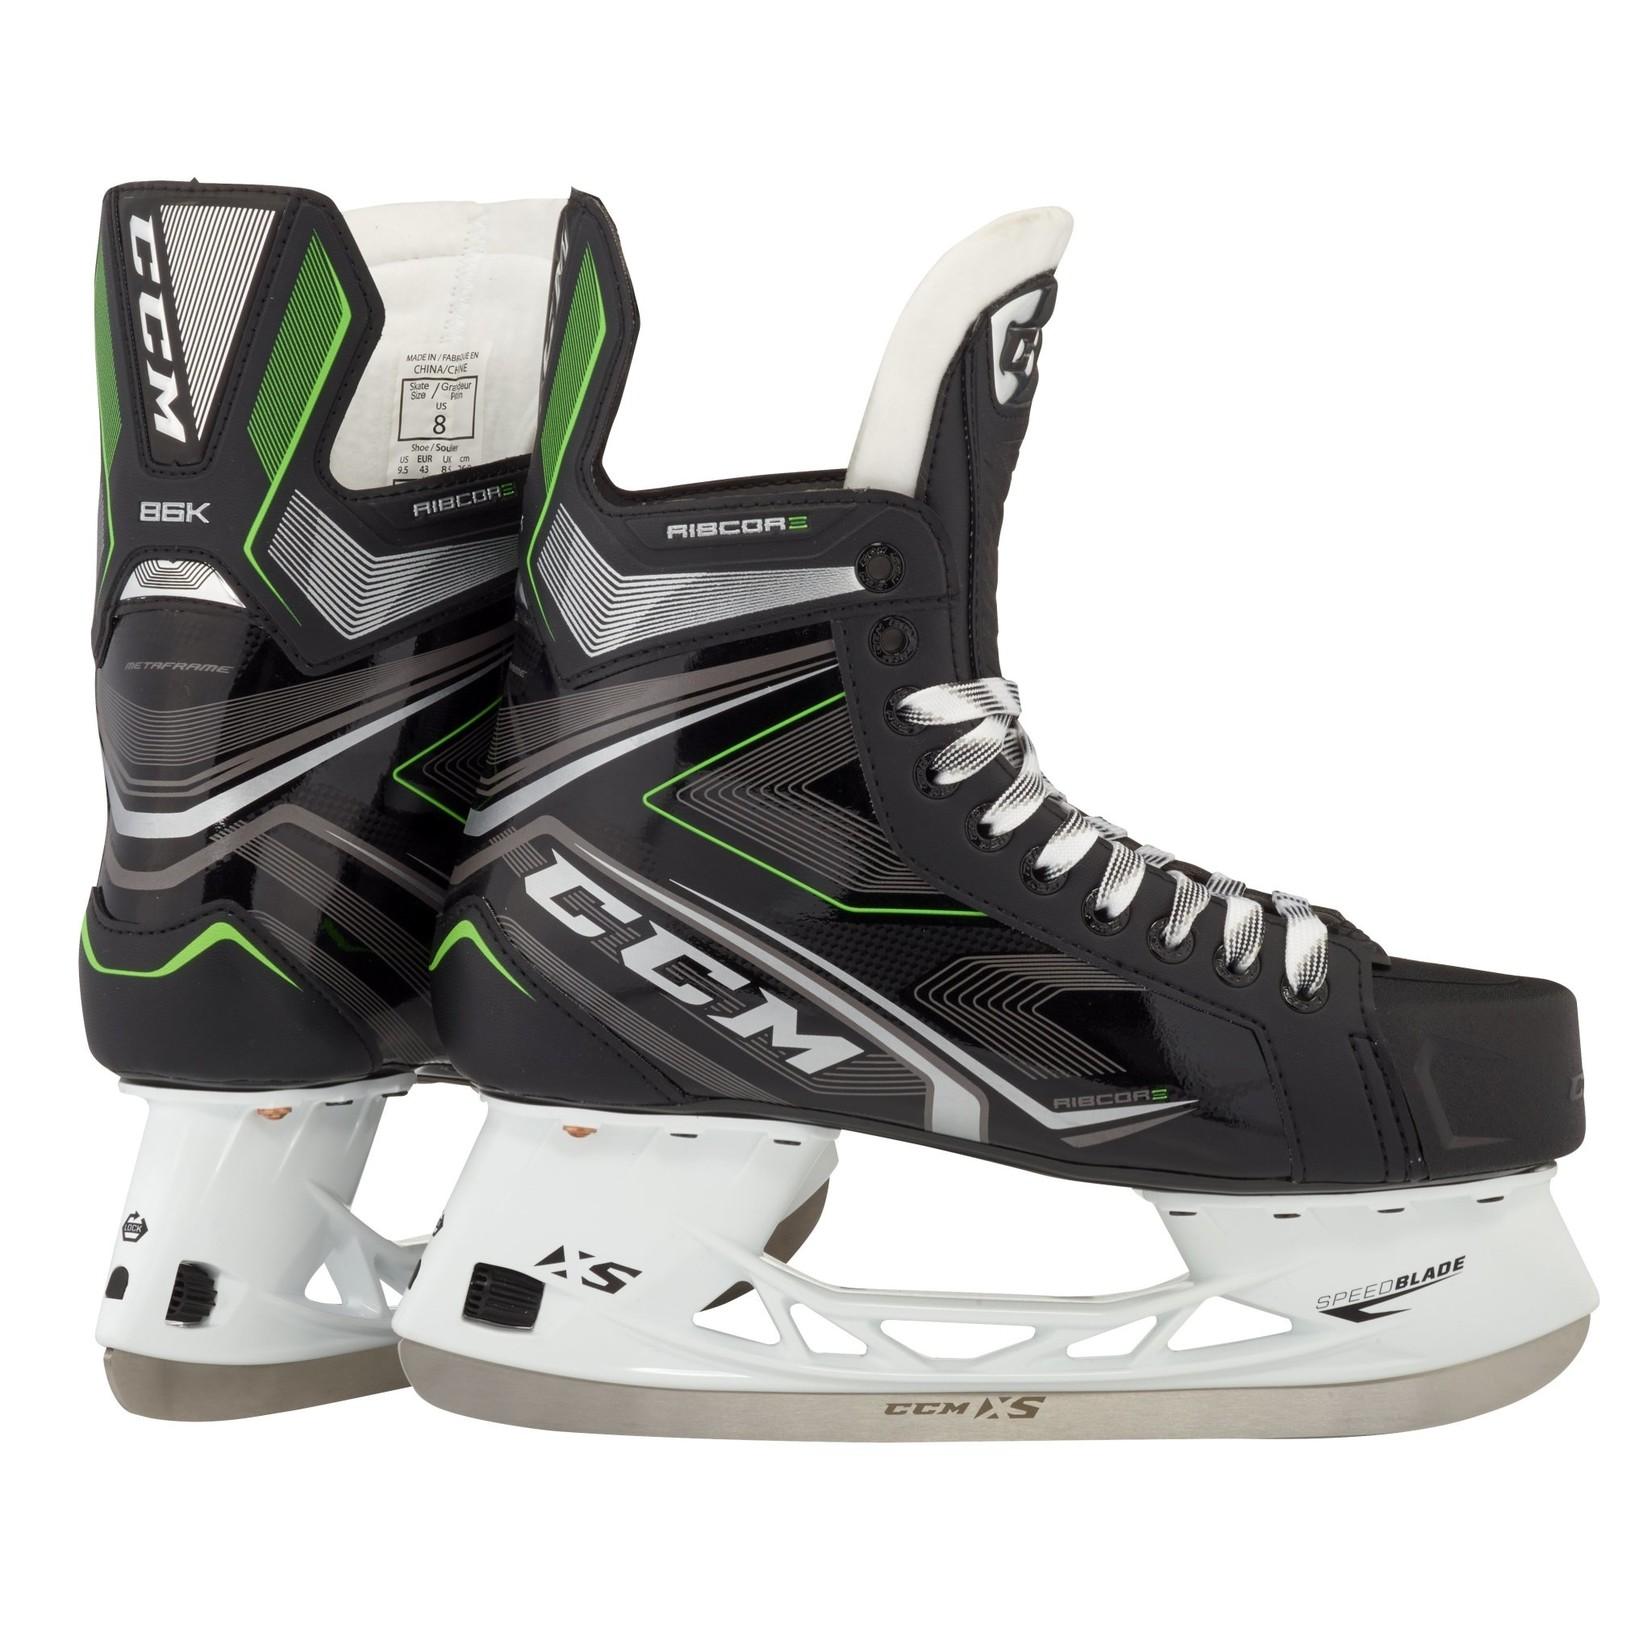 CCM CCM Hockey Skates, Ribcor 86K, Senior